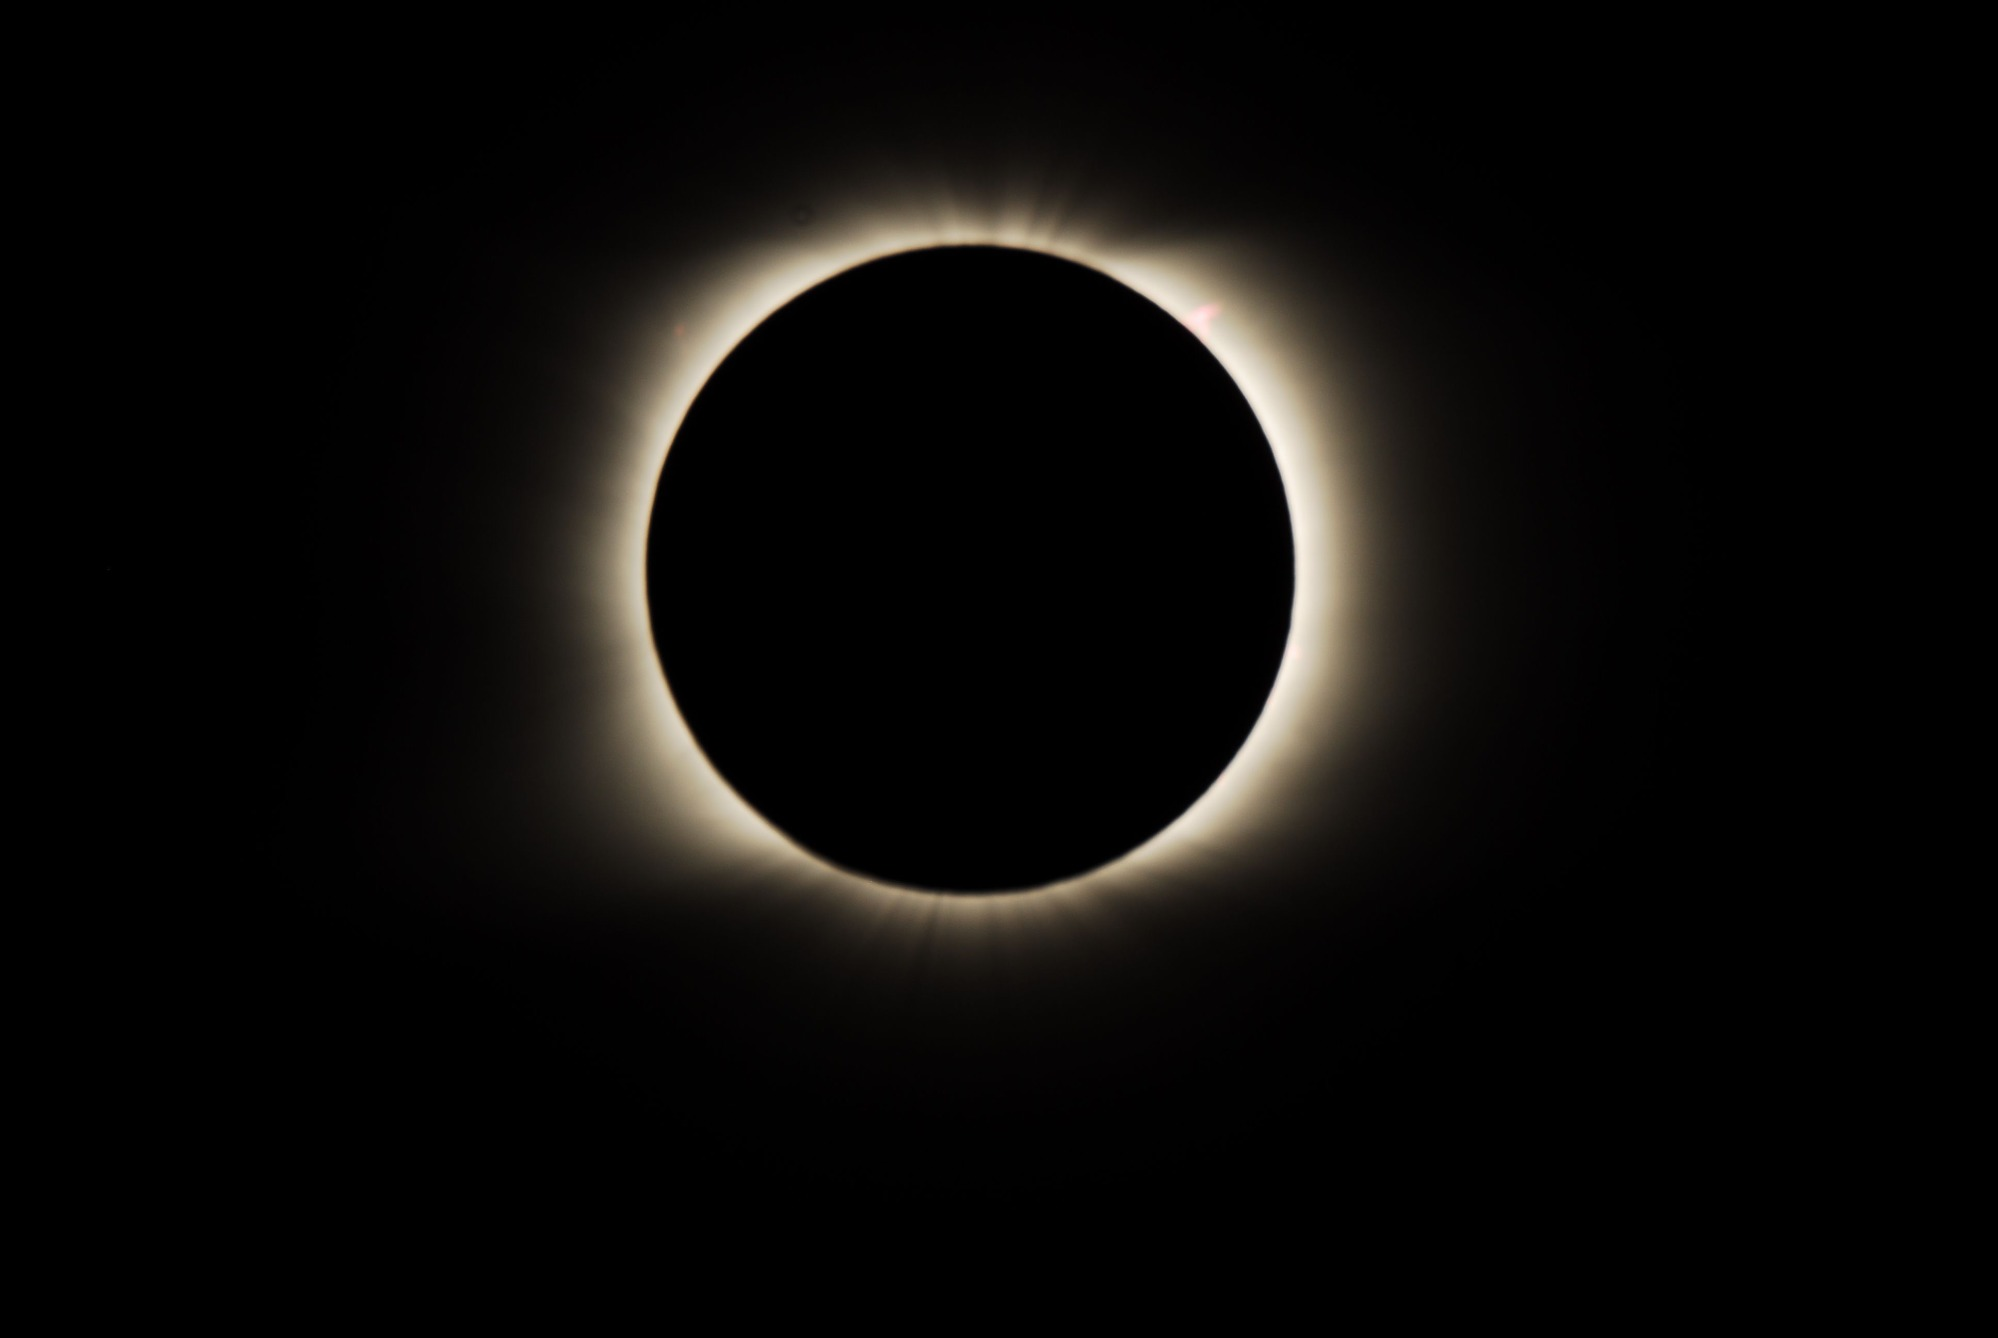 Съемка «Веги» солнечного затмения 2008 года, если присмотреться, на час дня видно протуберанец «Голова коня»